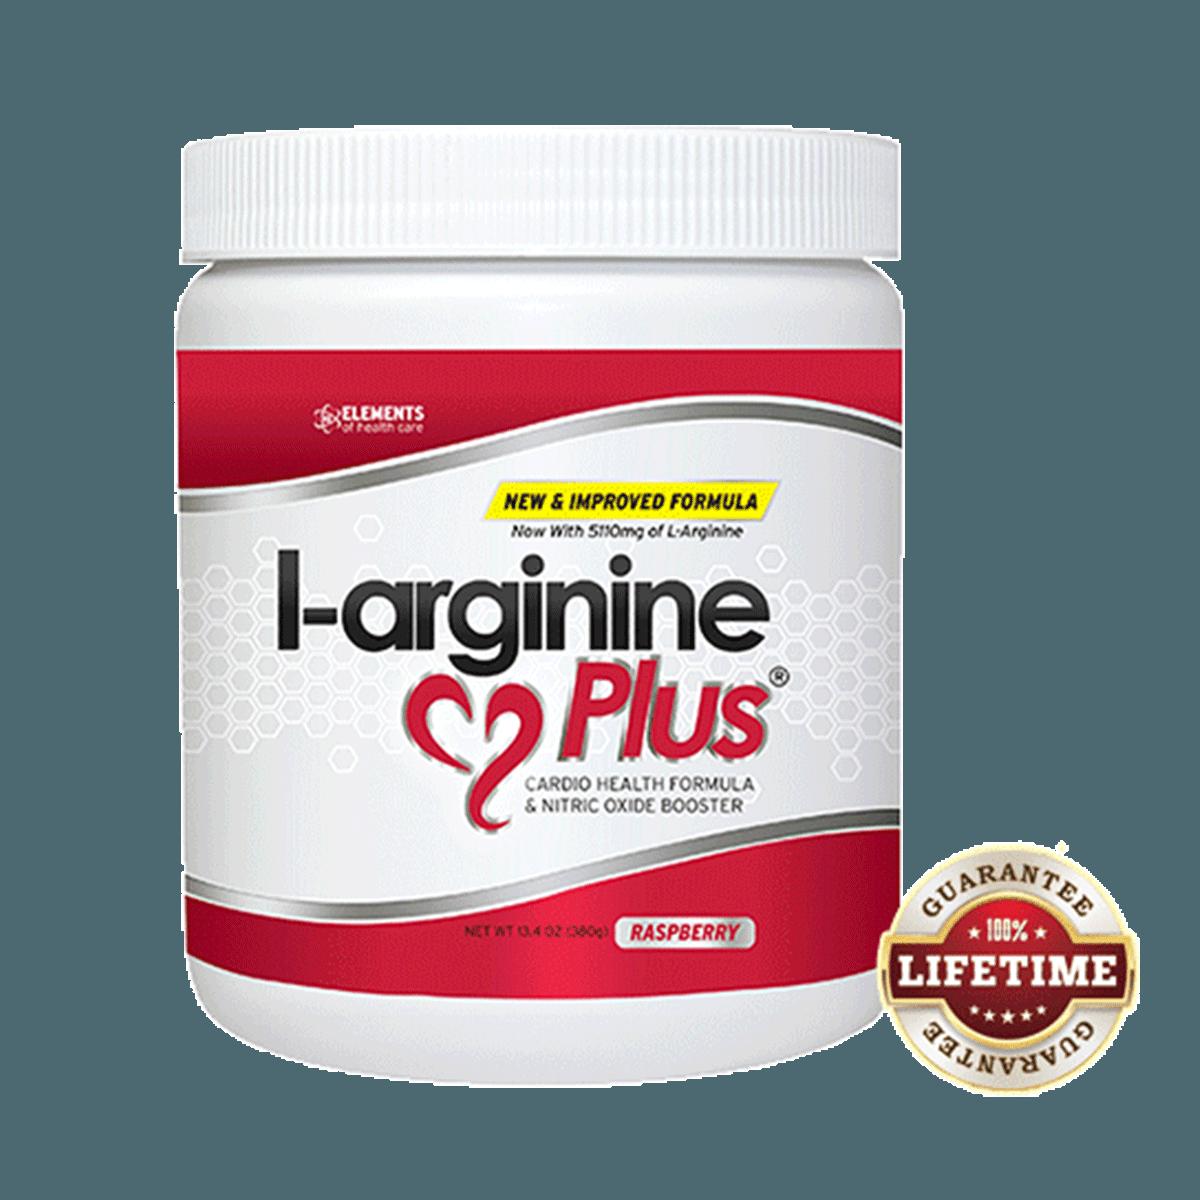 L-arginine Supplement for Your Heart - L-arginine Plus®